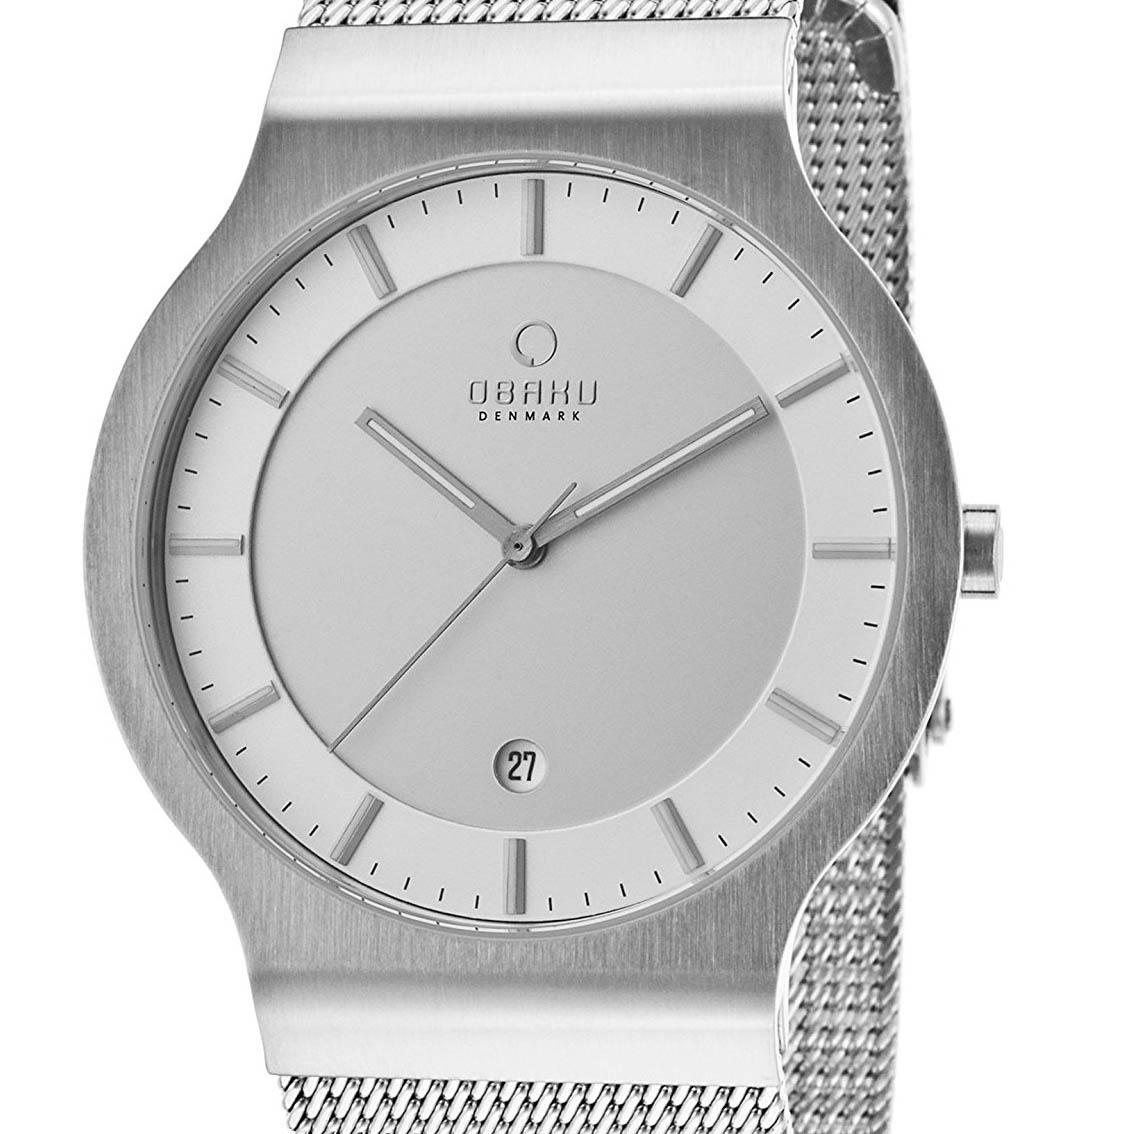 【ポイント10倍】OBAKU オバック クォーツ 腕時計 デンマーク シンプル 薄型 ファッション [V133XCIMC1] 並行輸入品 純正ケース メーカー保証